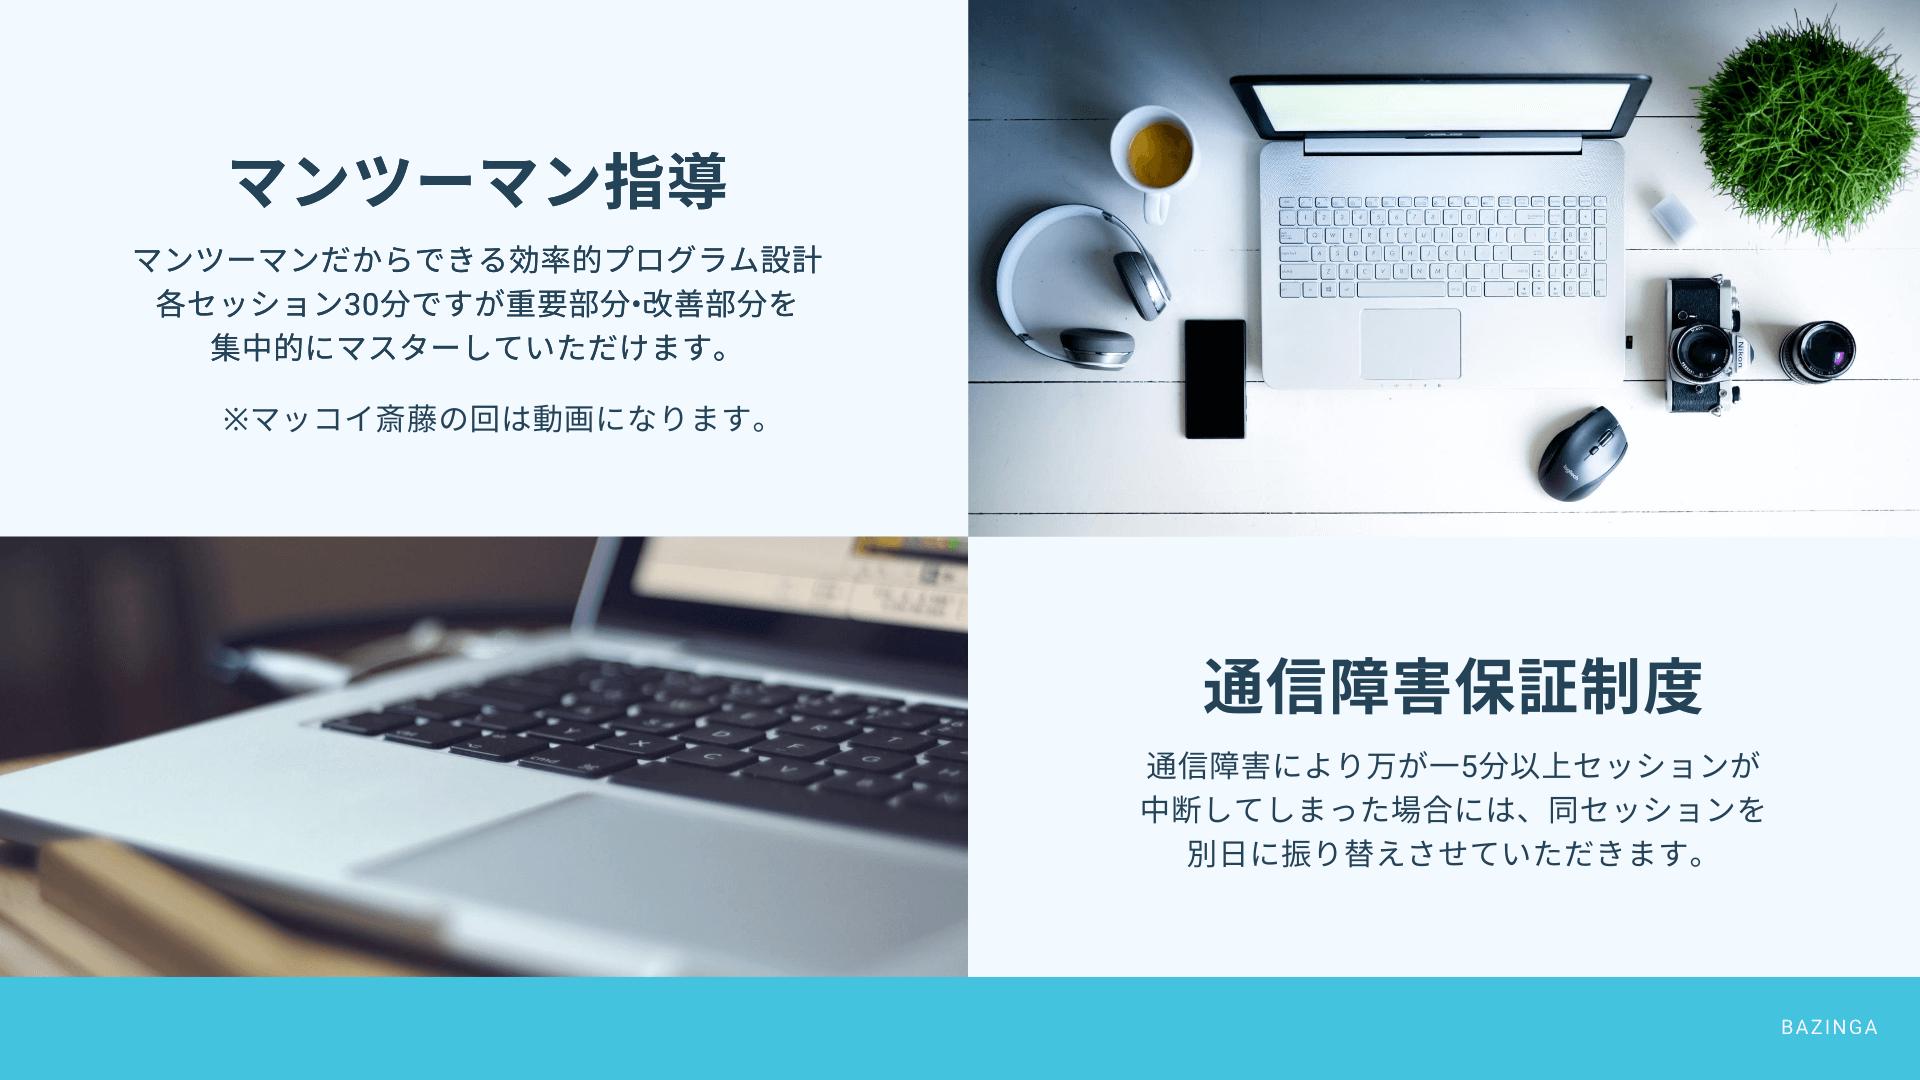 マンツーマン指導/通信障害保証制度